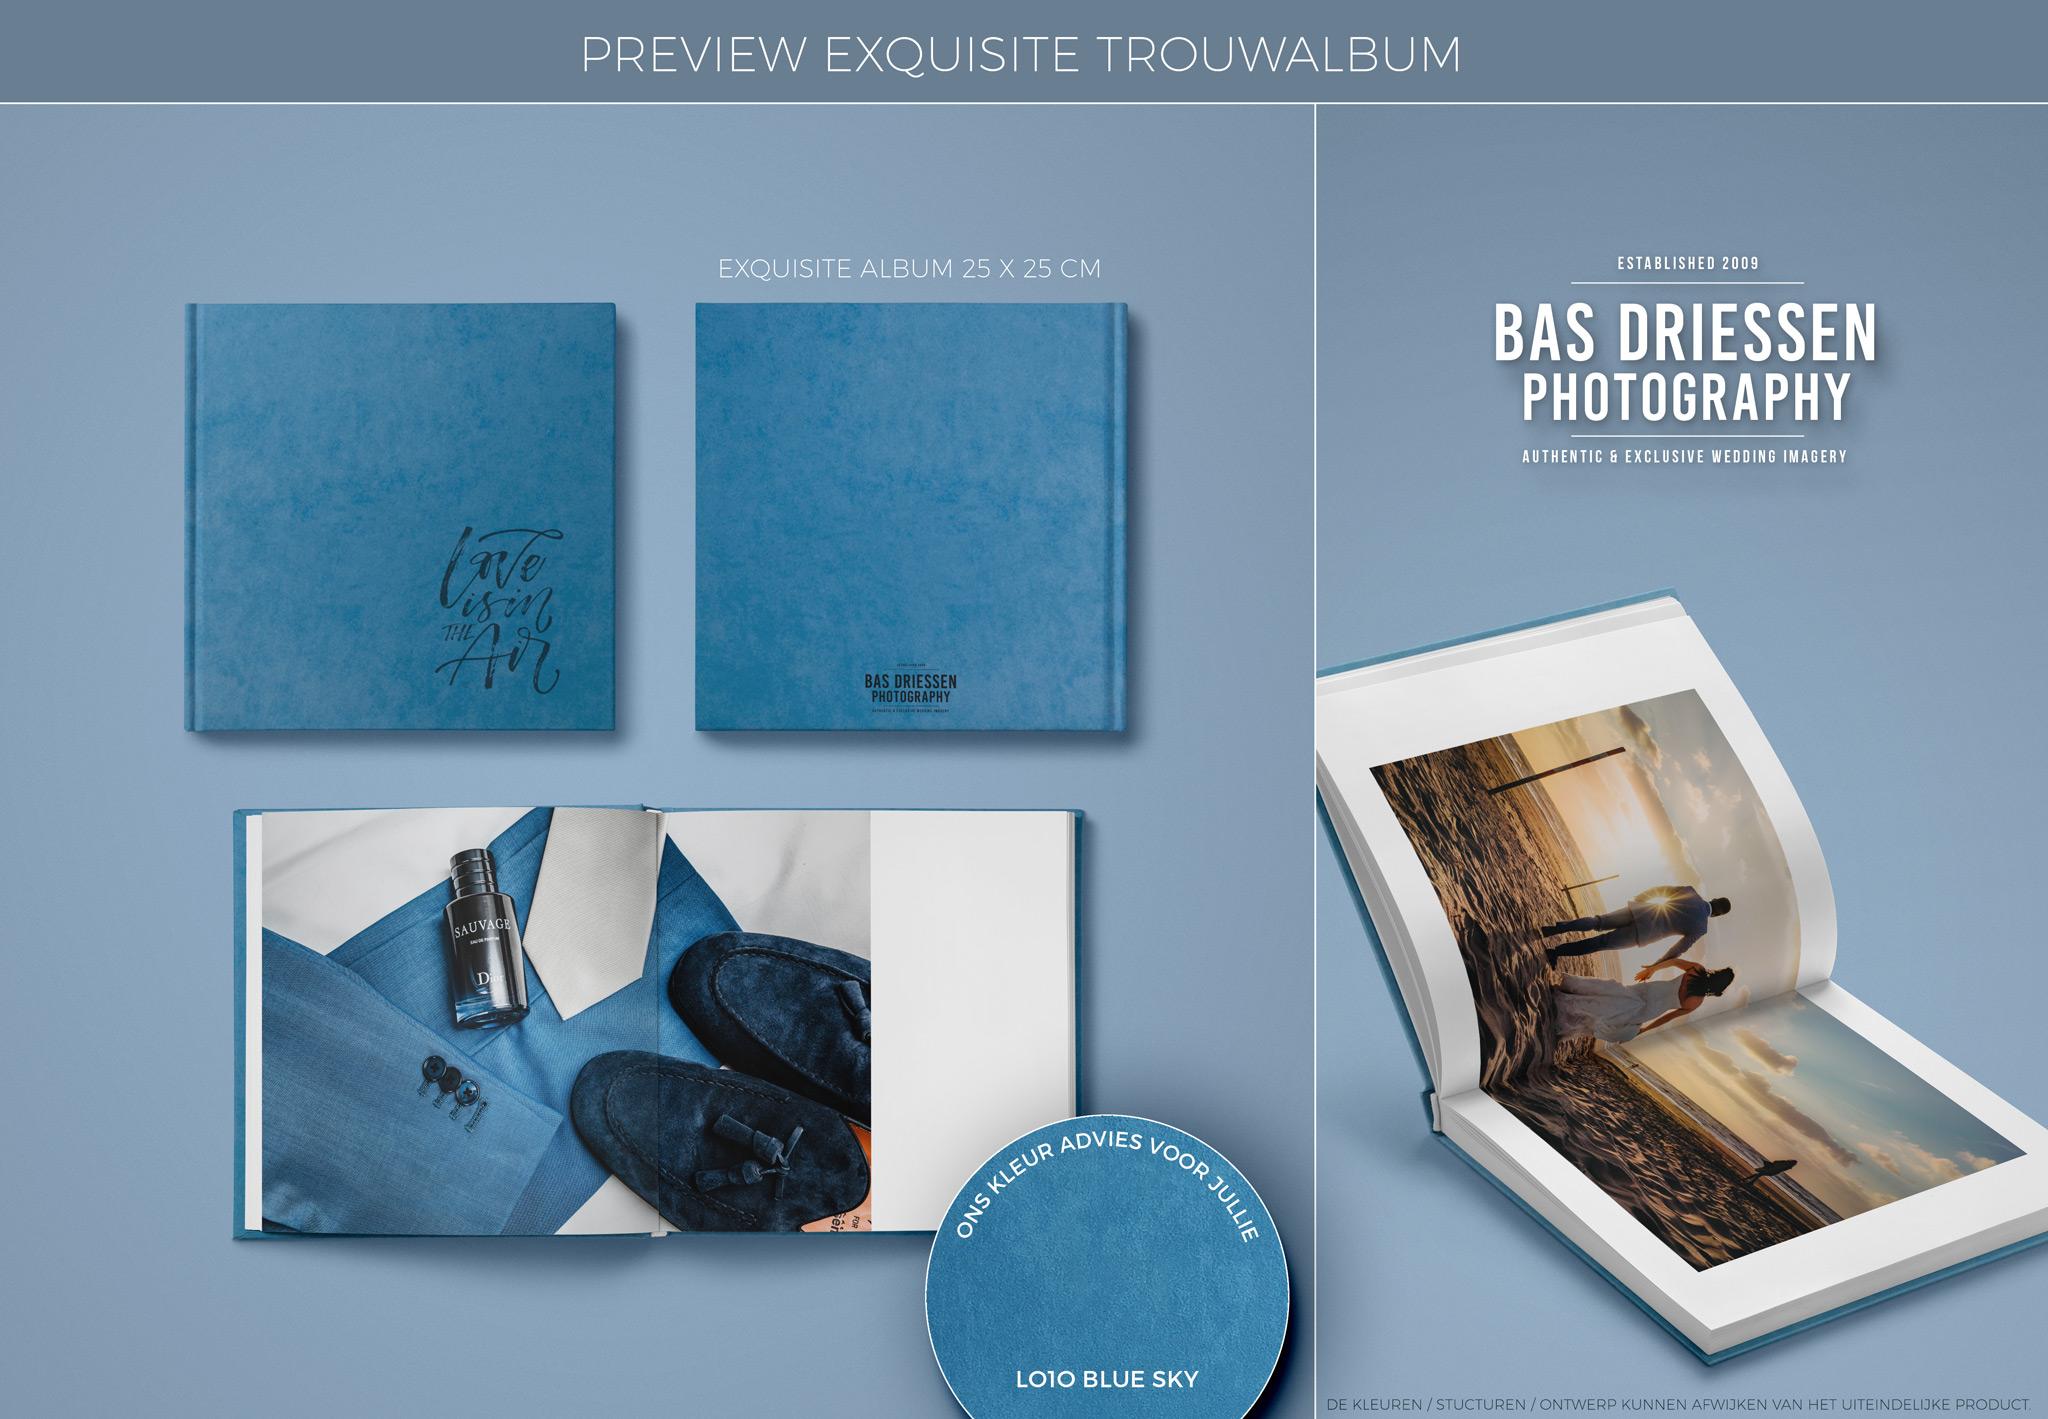 Preview-Exquisite-Album-Kenneth-Tamara